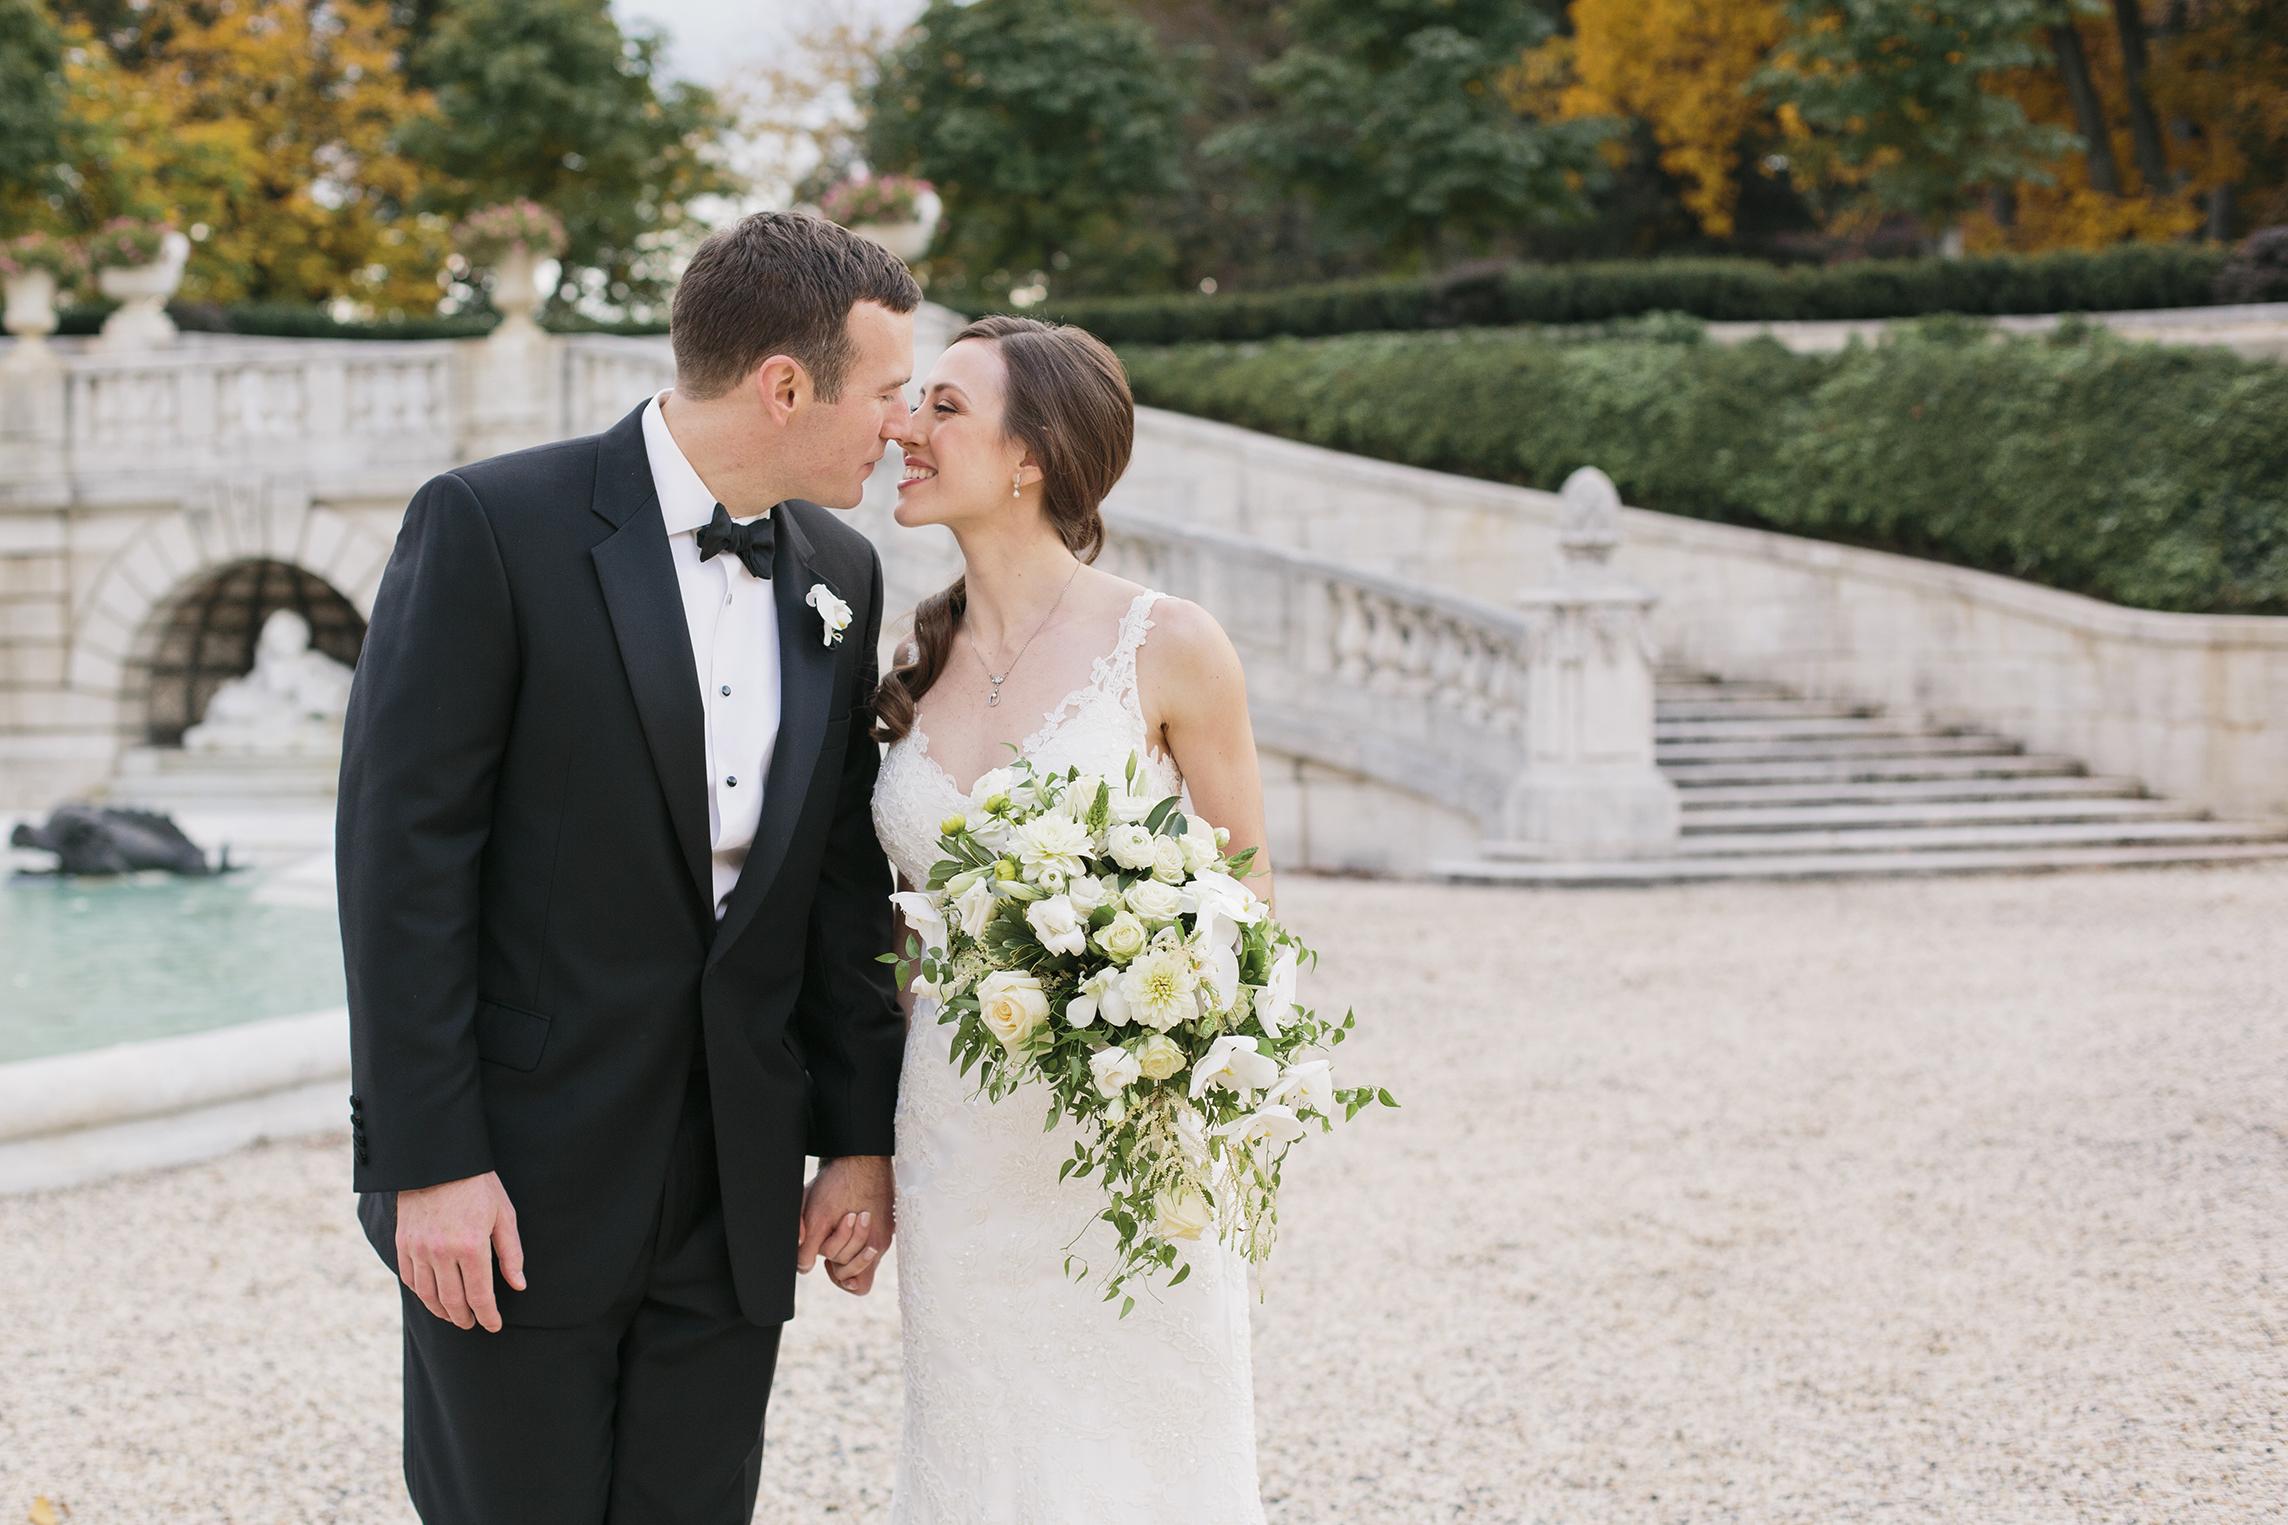 Nemours-Delaware-Art-Museum-Fall-Film-Wedding-Photographer-046.jpg